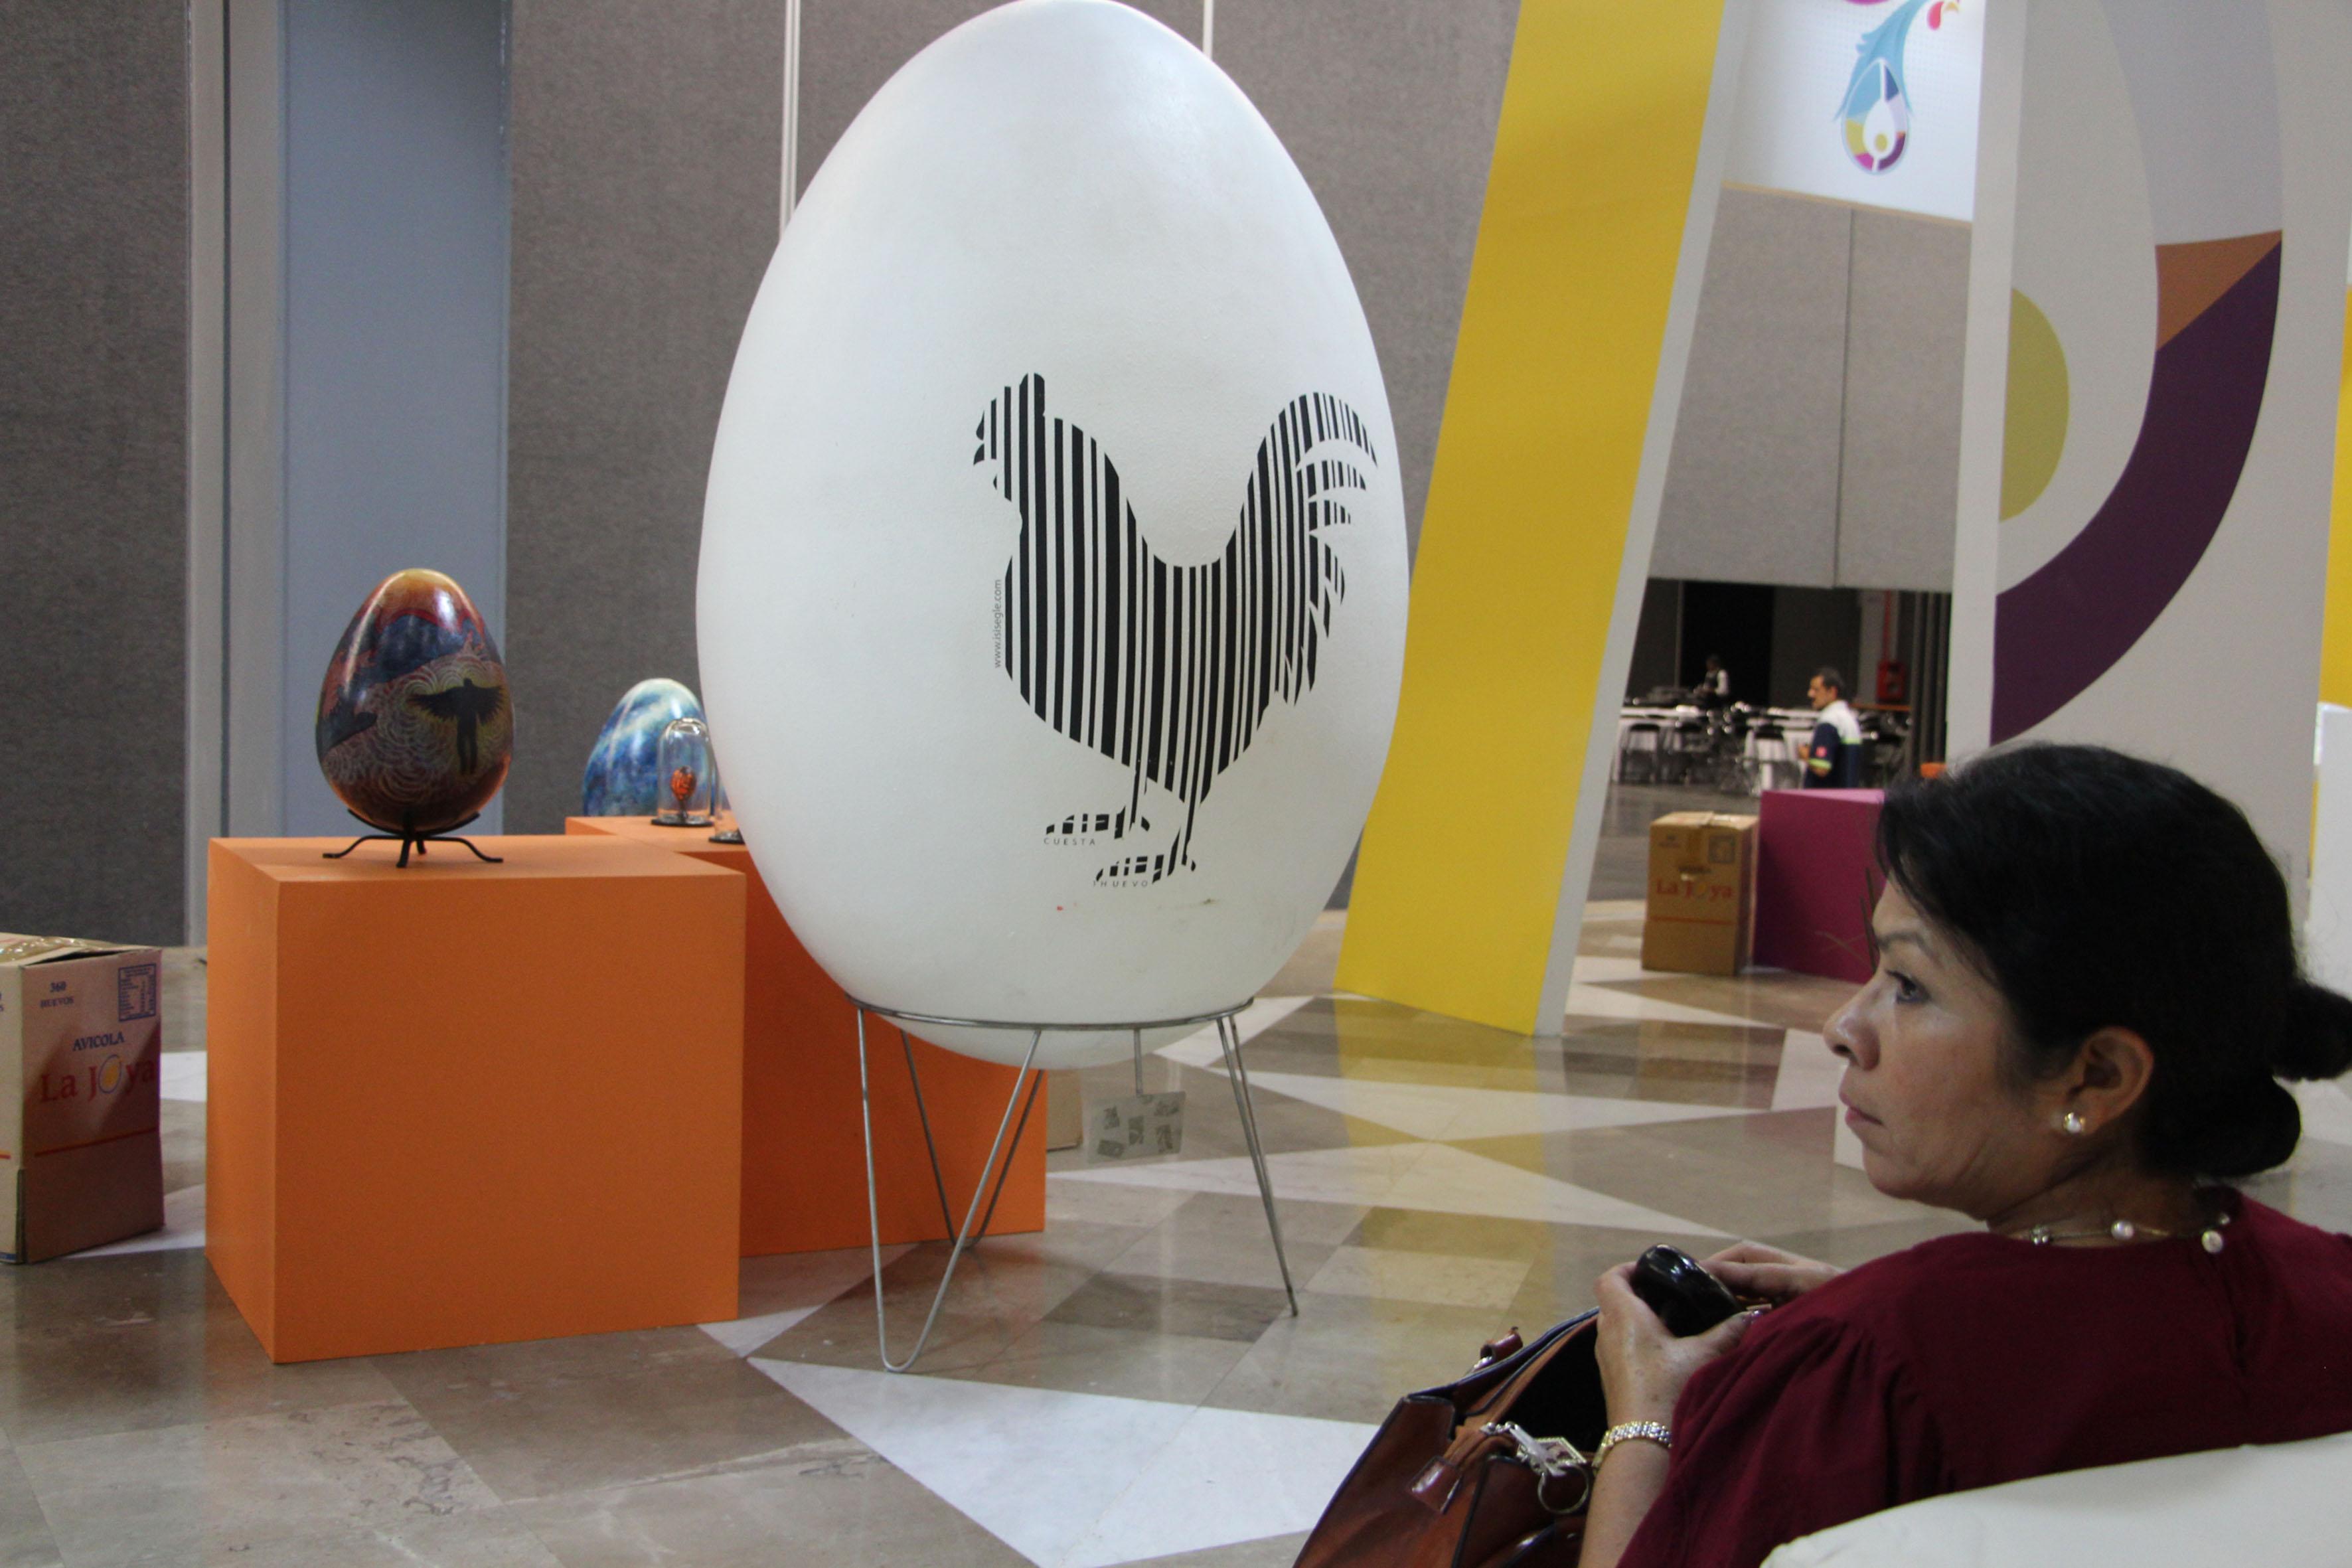 Gallo pintado como marca registrada, en un huevo gigante exhibido en el XXV Congreso Latinoamericano de Avicultura, que tiene como sede la ciudad de Guadalajara, en Expo Guadalajara.